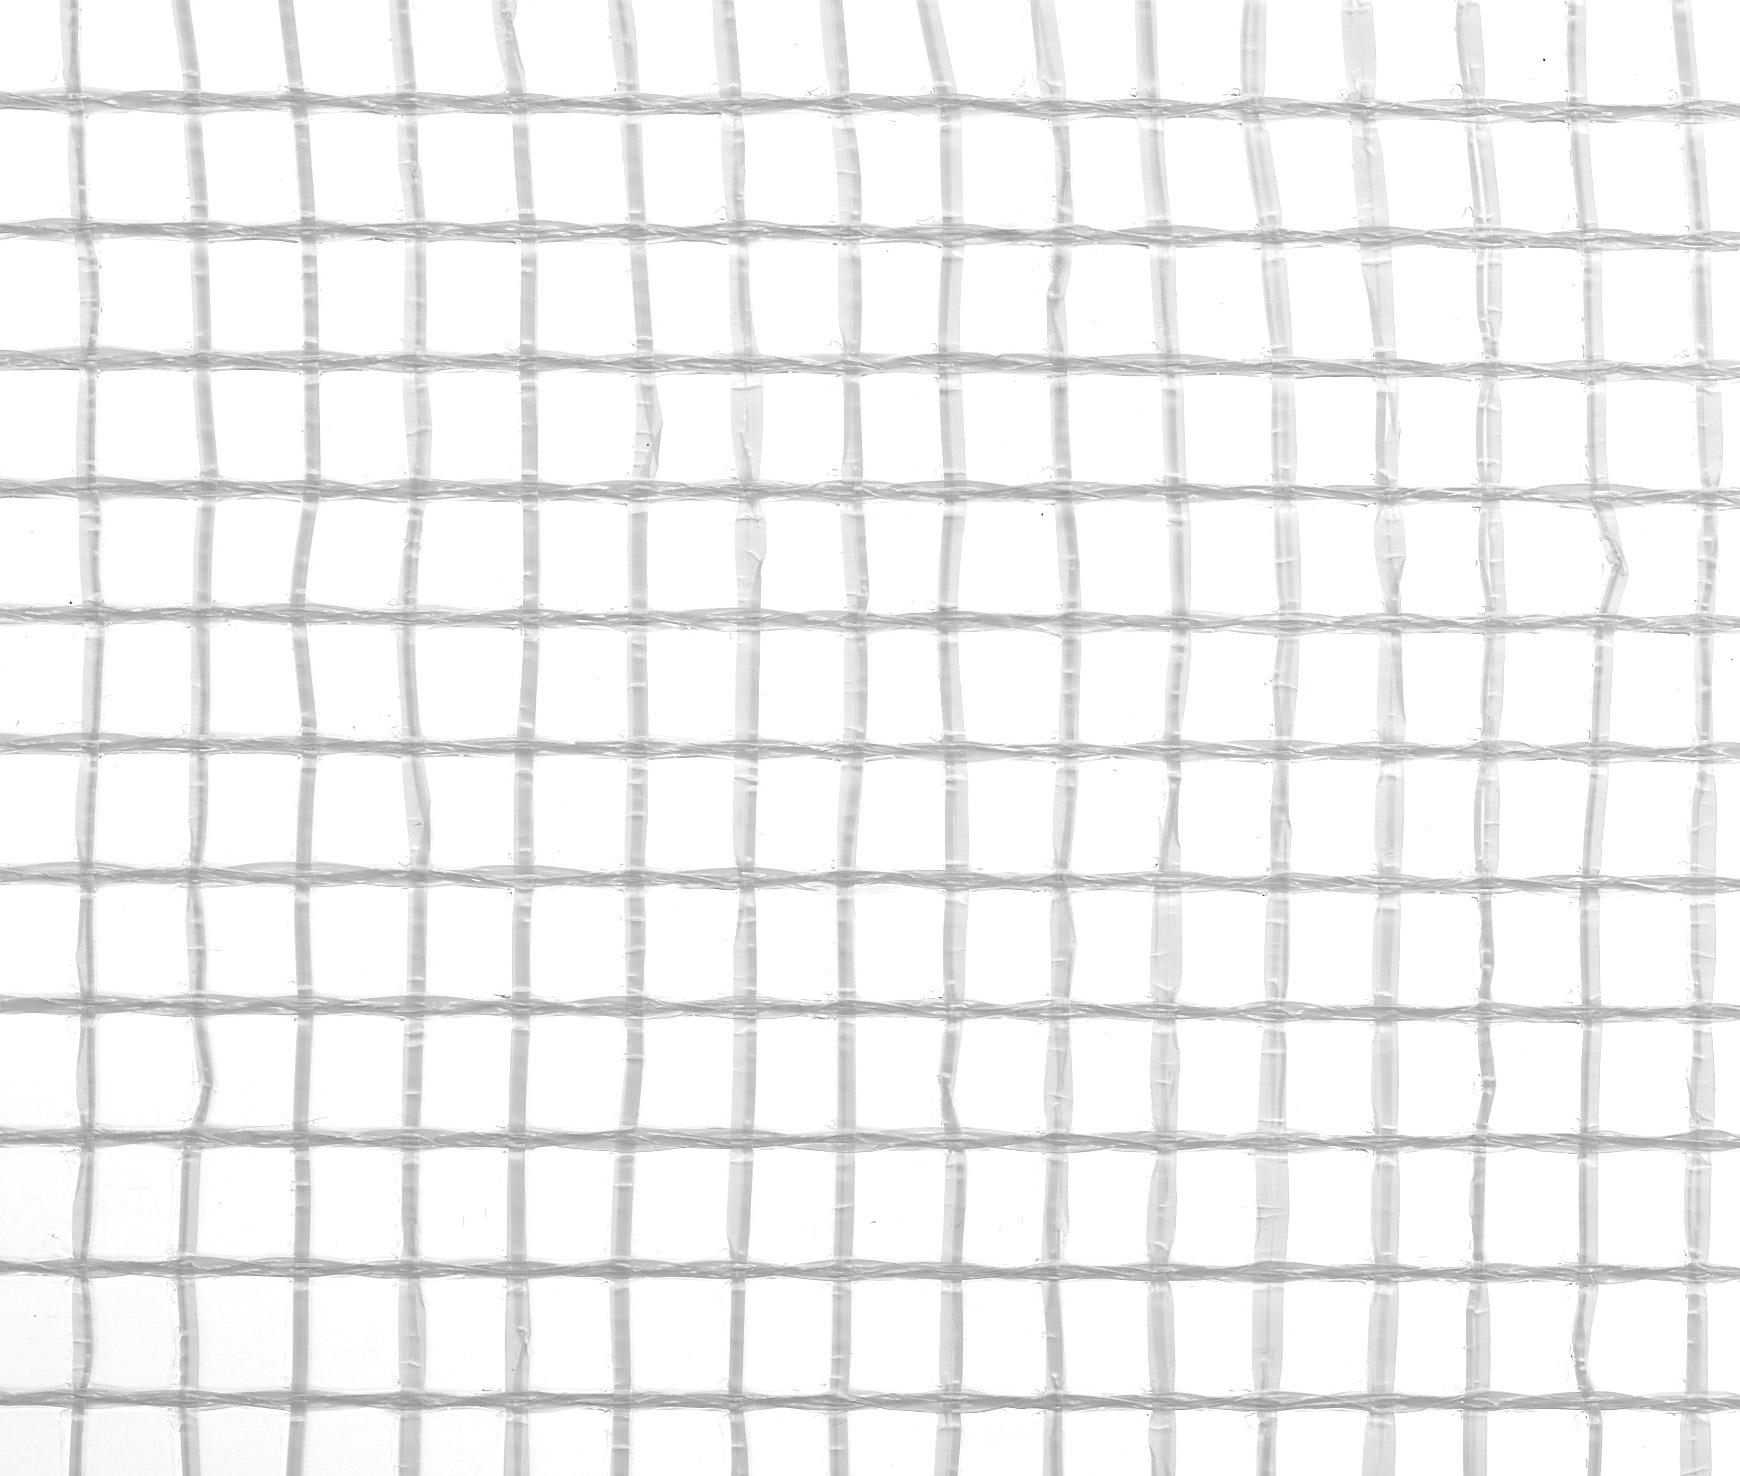 Gitterfolie weiß 1,5 x 50 m Rolle